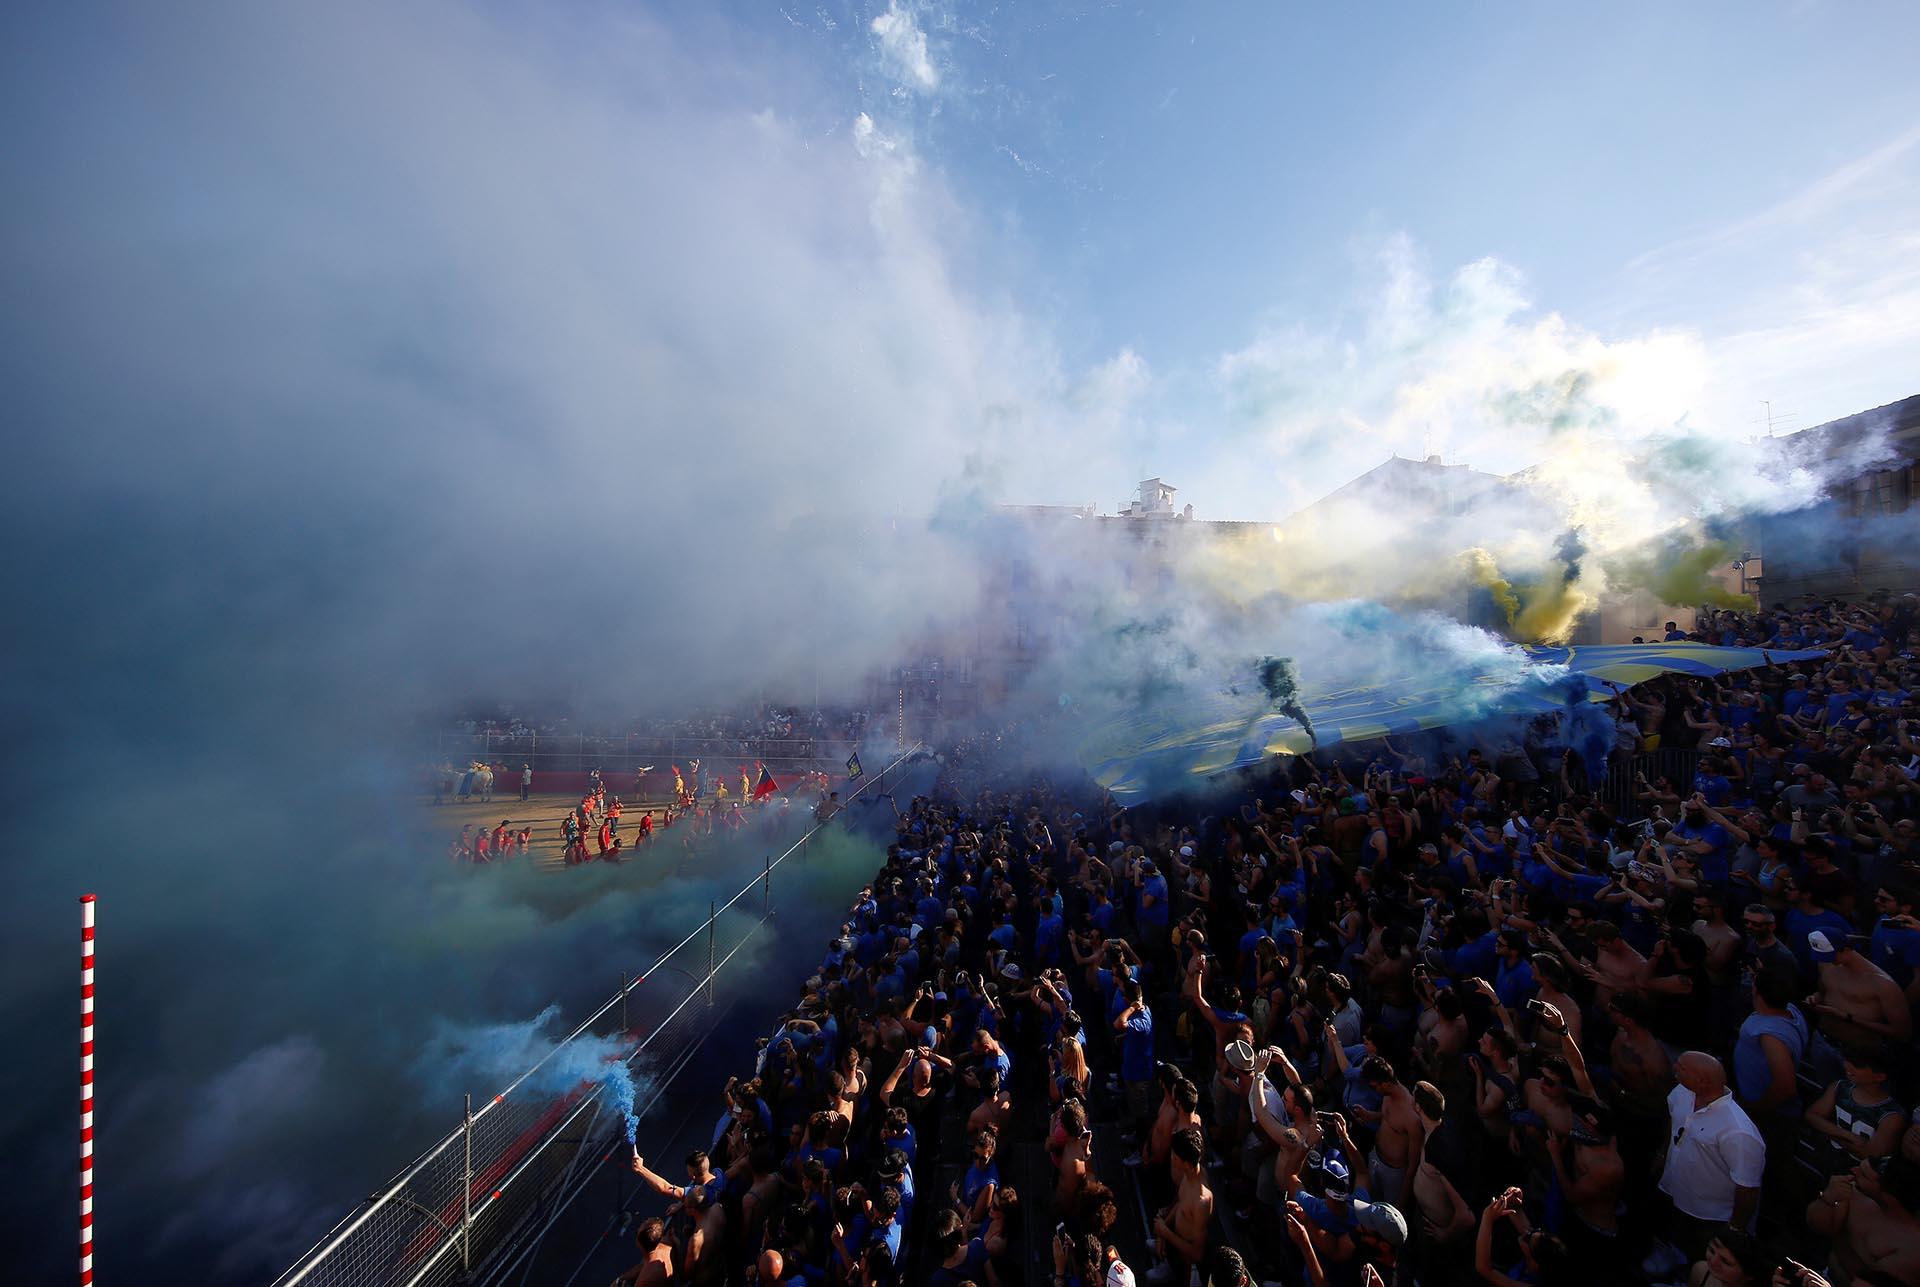 """Fanáticos del equipo italiano Santa Croce celebran con bengalas y una gran bandera luego de un partido de """"Calcio Fiorentino"""", un estilo primitivo del fútbol convencional (Reuters)"""